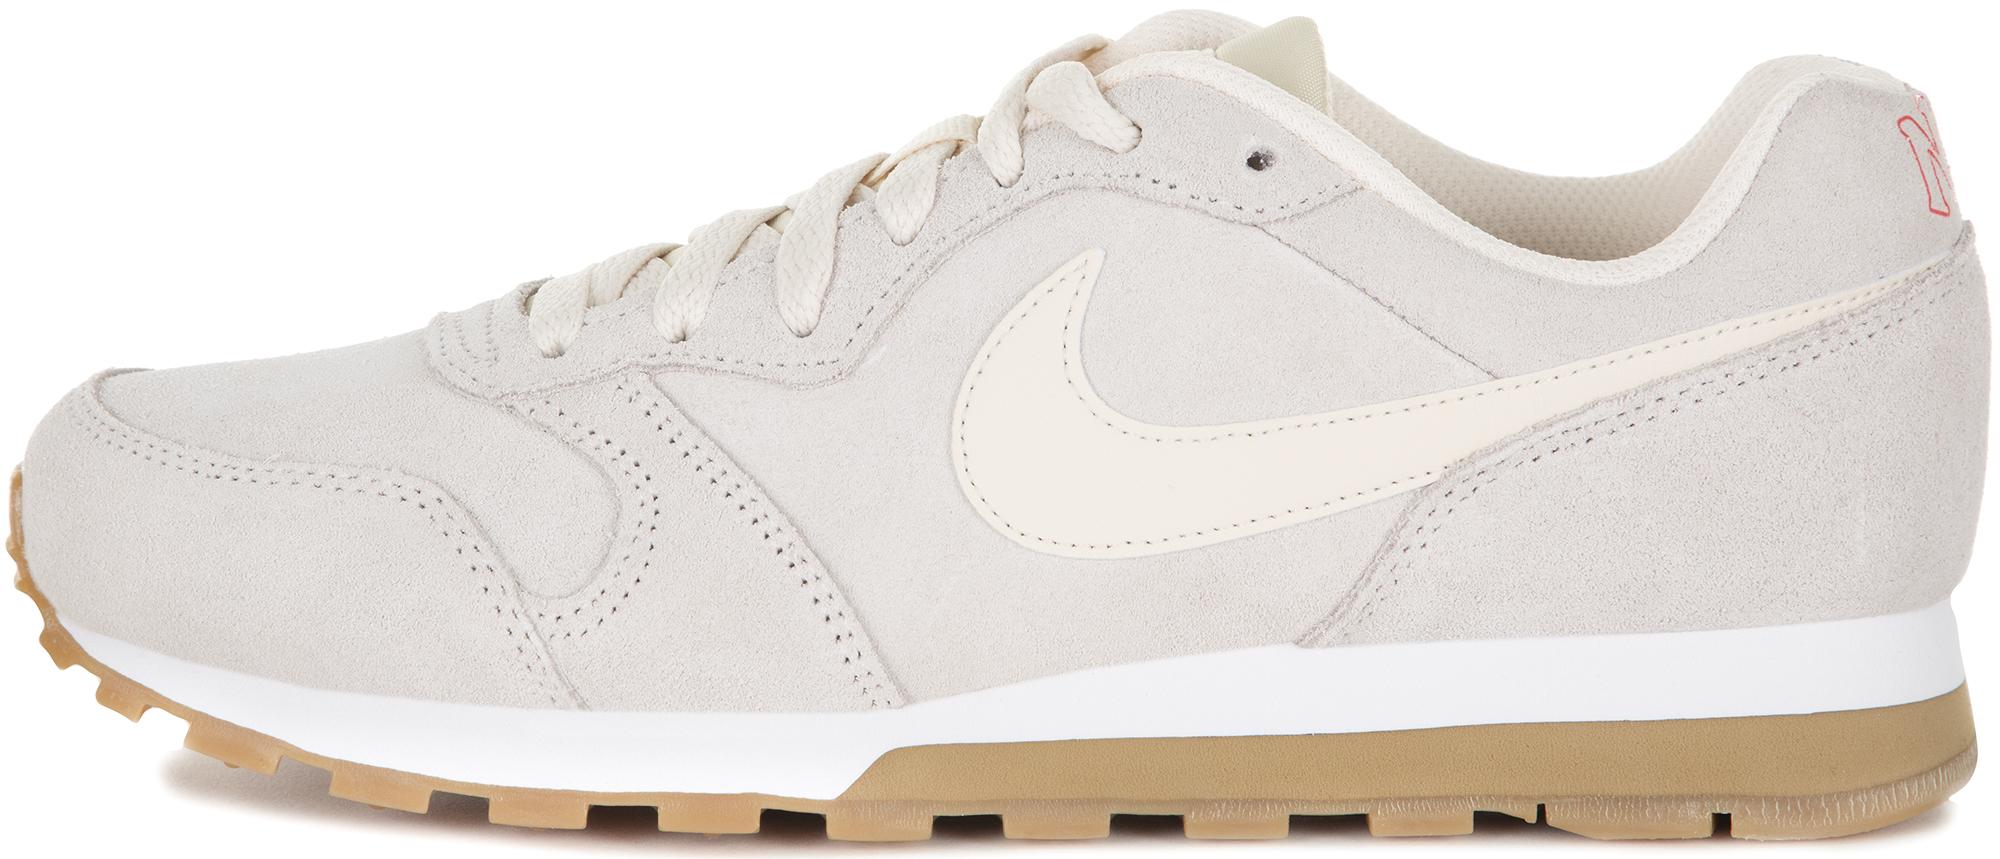 купить Nike Кроссовки женские Nike MD Runner 2 SE, размер 37,5 по цене 4999 рублей